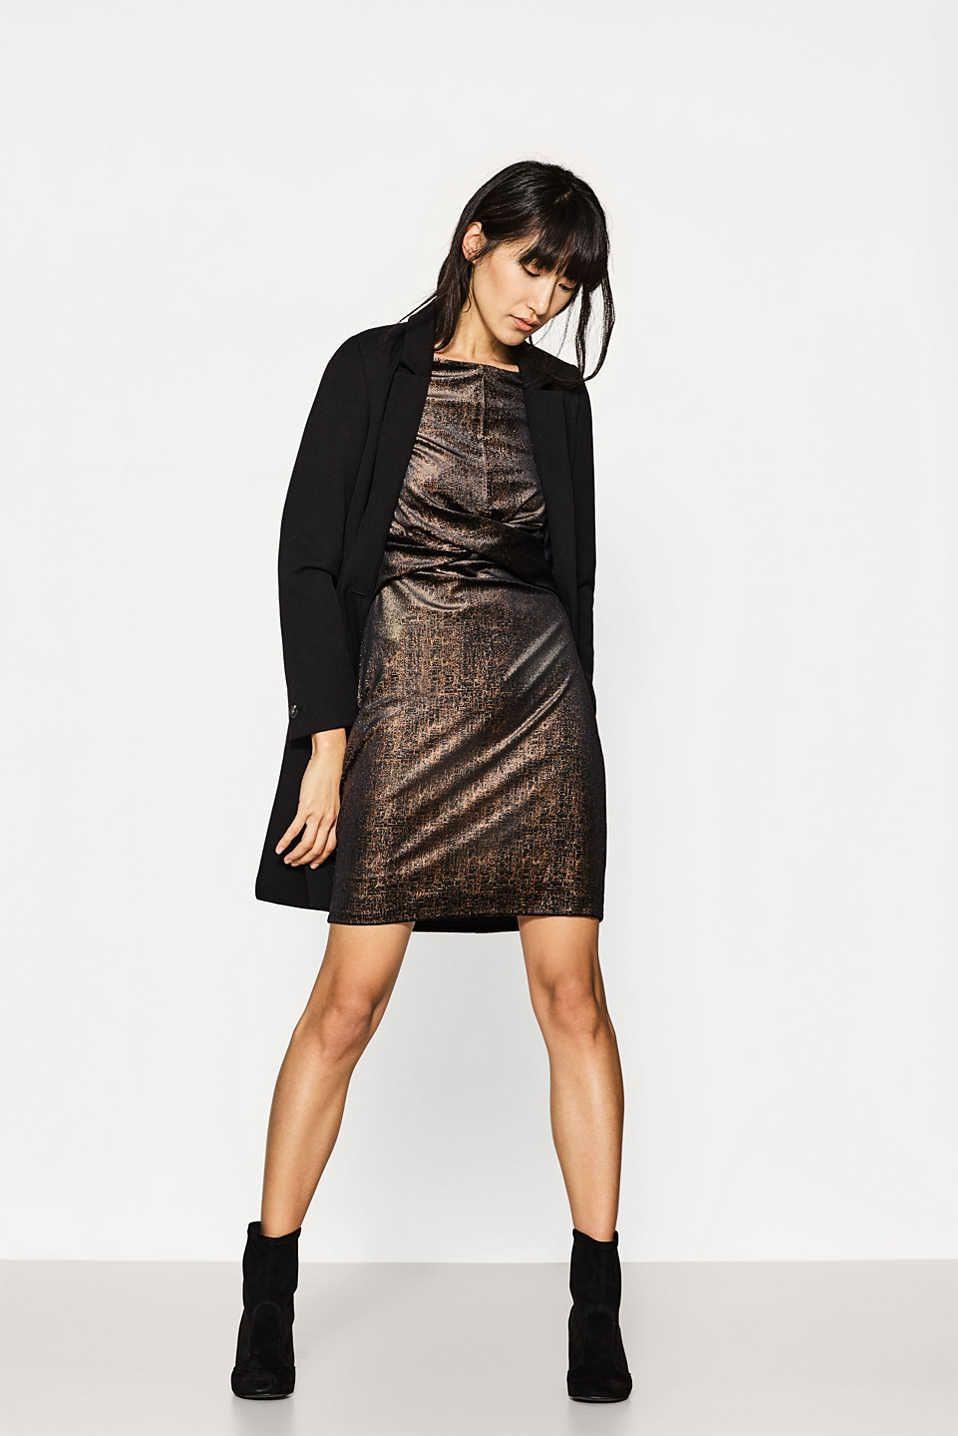 Kleid Aus Stretchsamt Mit Glanzfinish  Modestil Mode